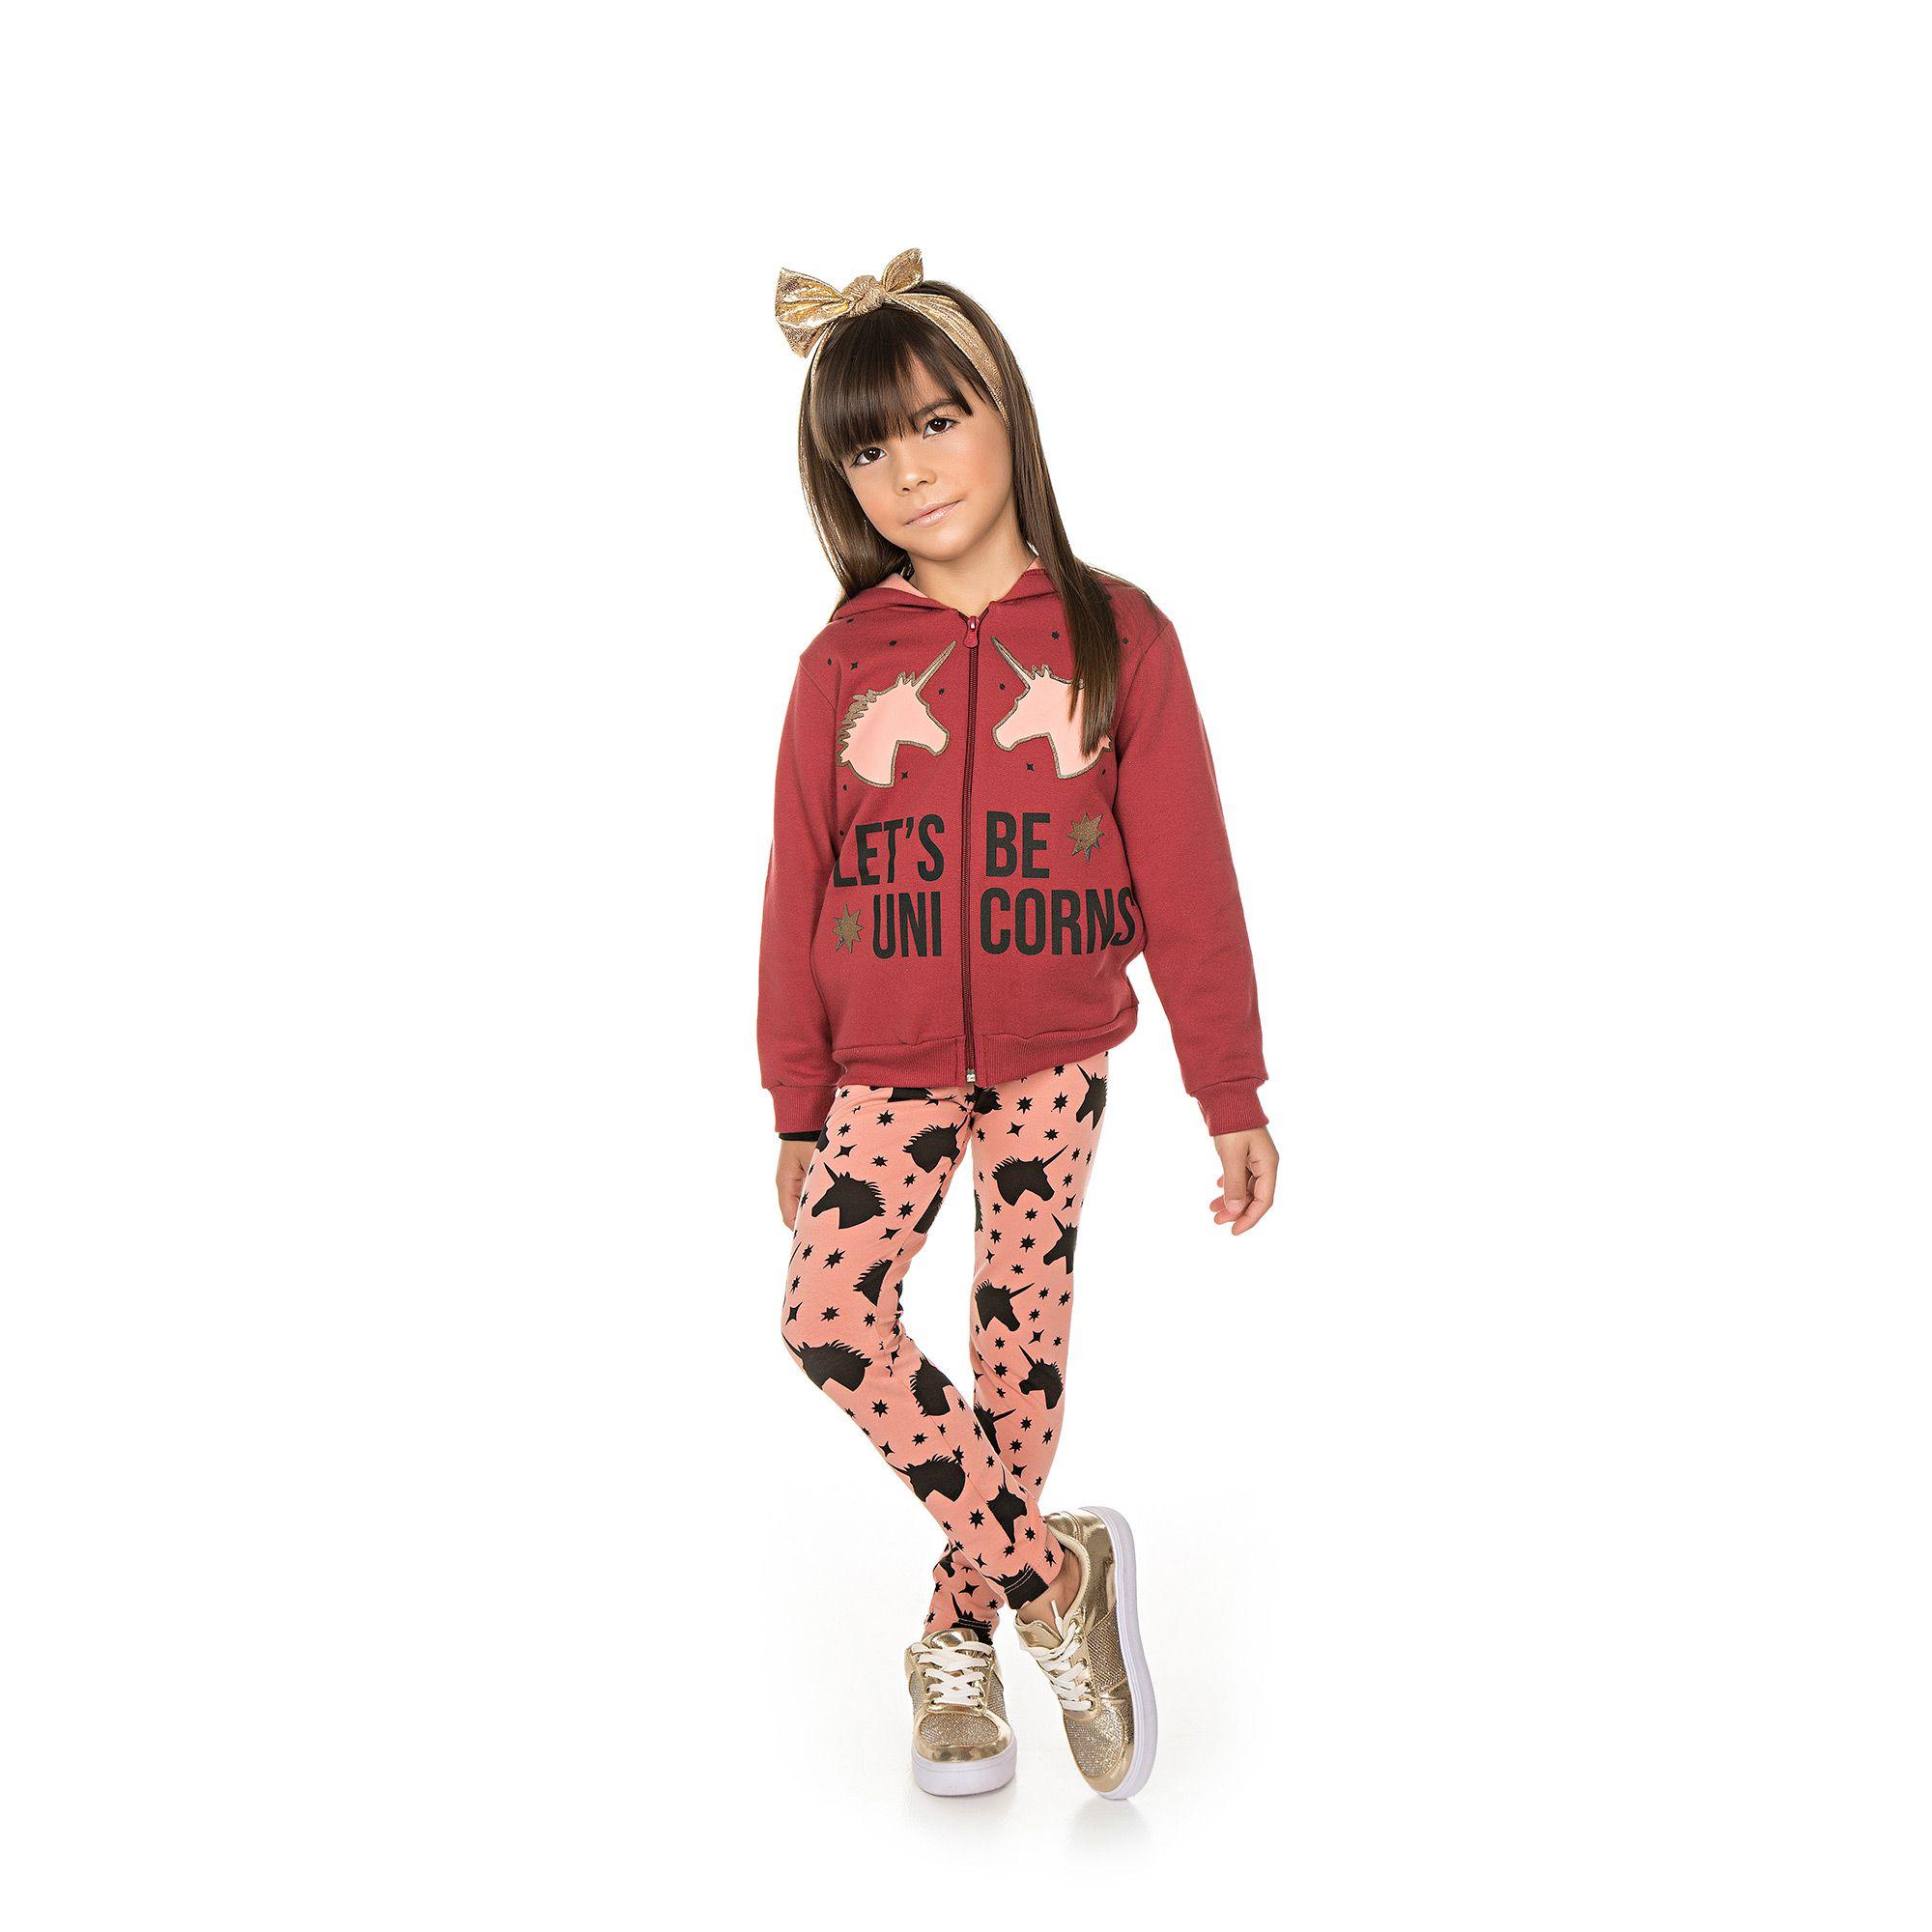 Conjunto Infantil Jaqueta e Legging  - Ref 4994 - Ameixa/Rosa